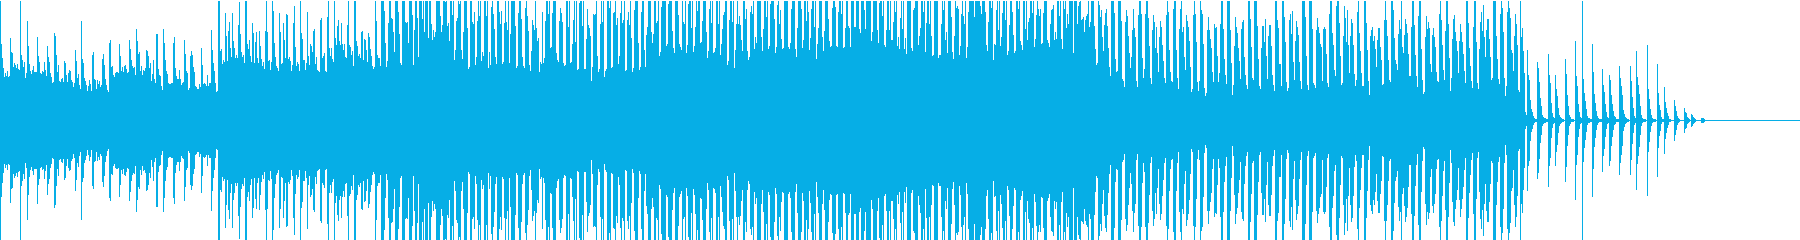 メロウなシンセフレーズとハードなベースの再生済みの波形